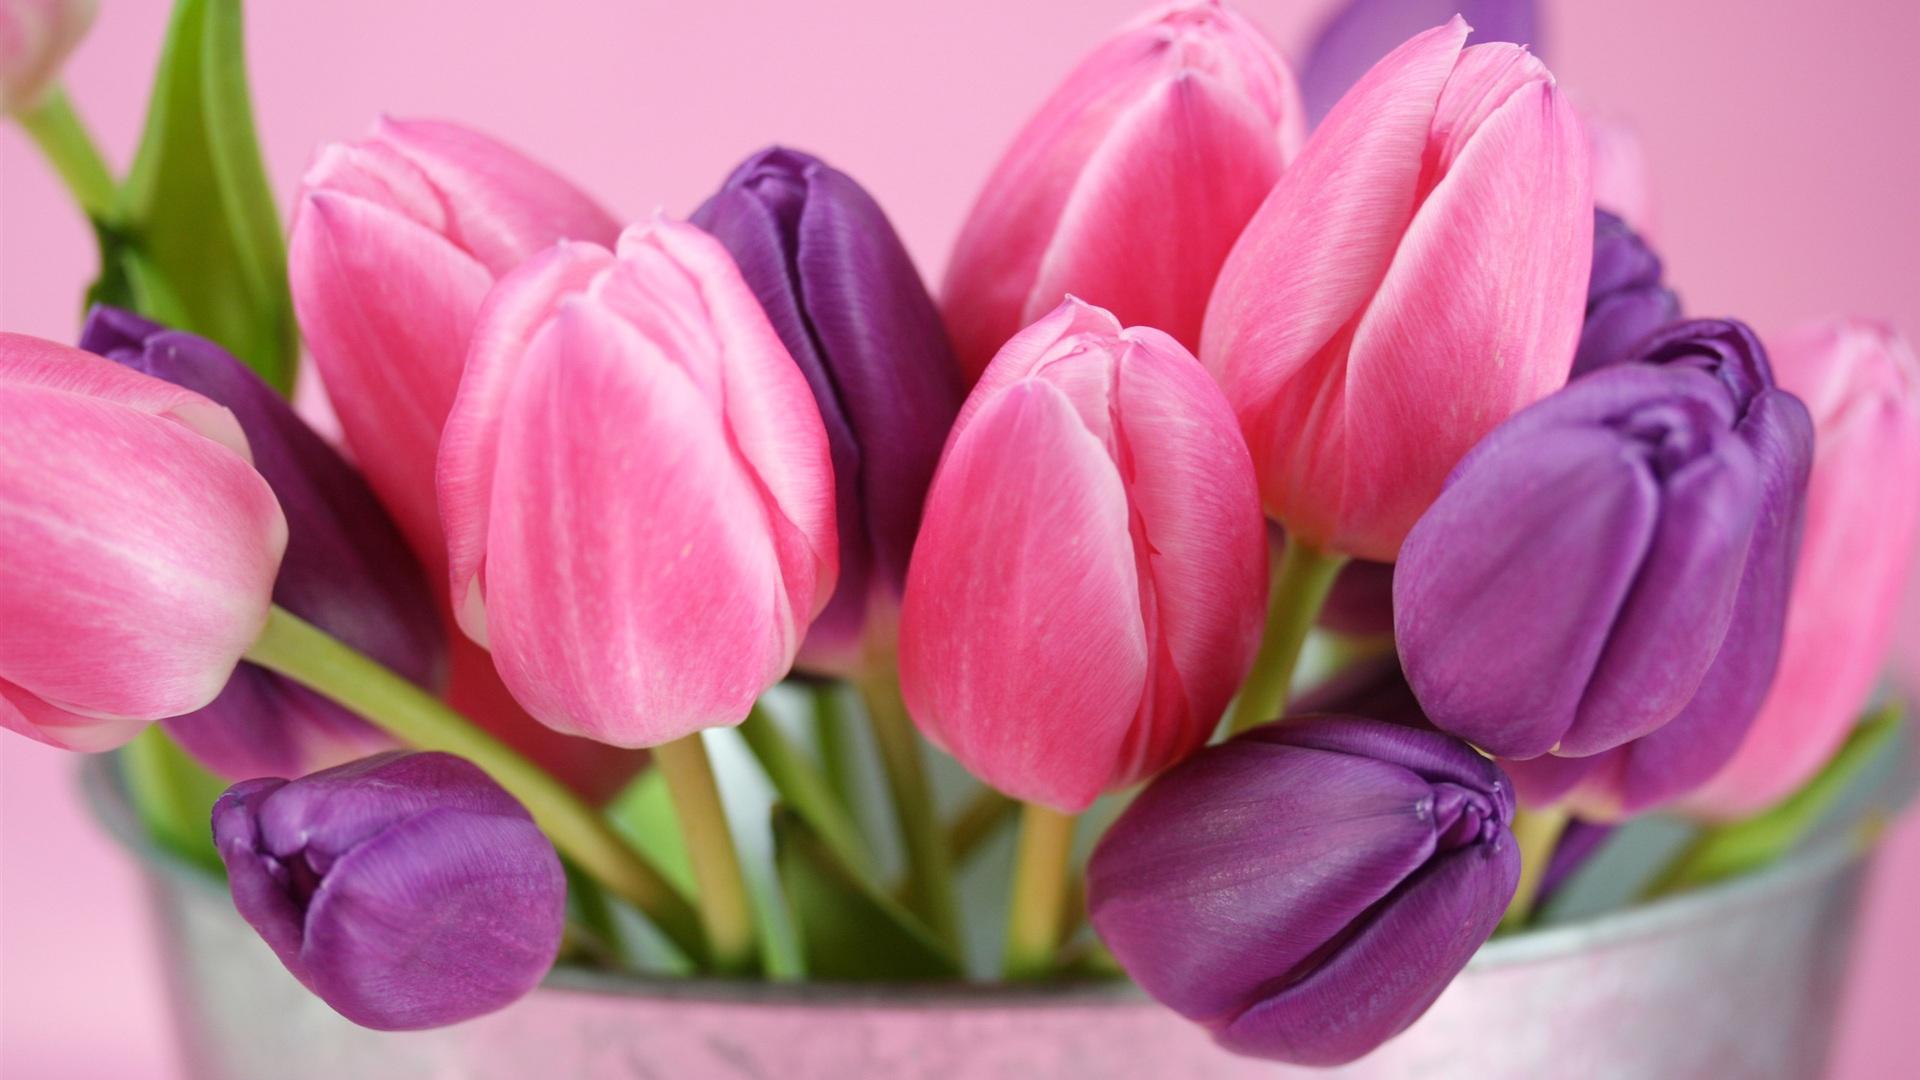 flowers tulips purple wallpaper pink flower wallwuzz hd wallpaper 1920x1080